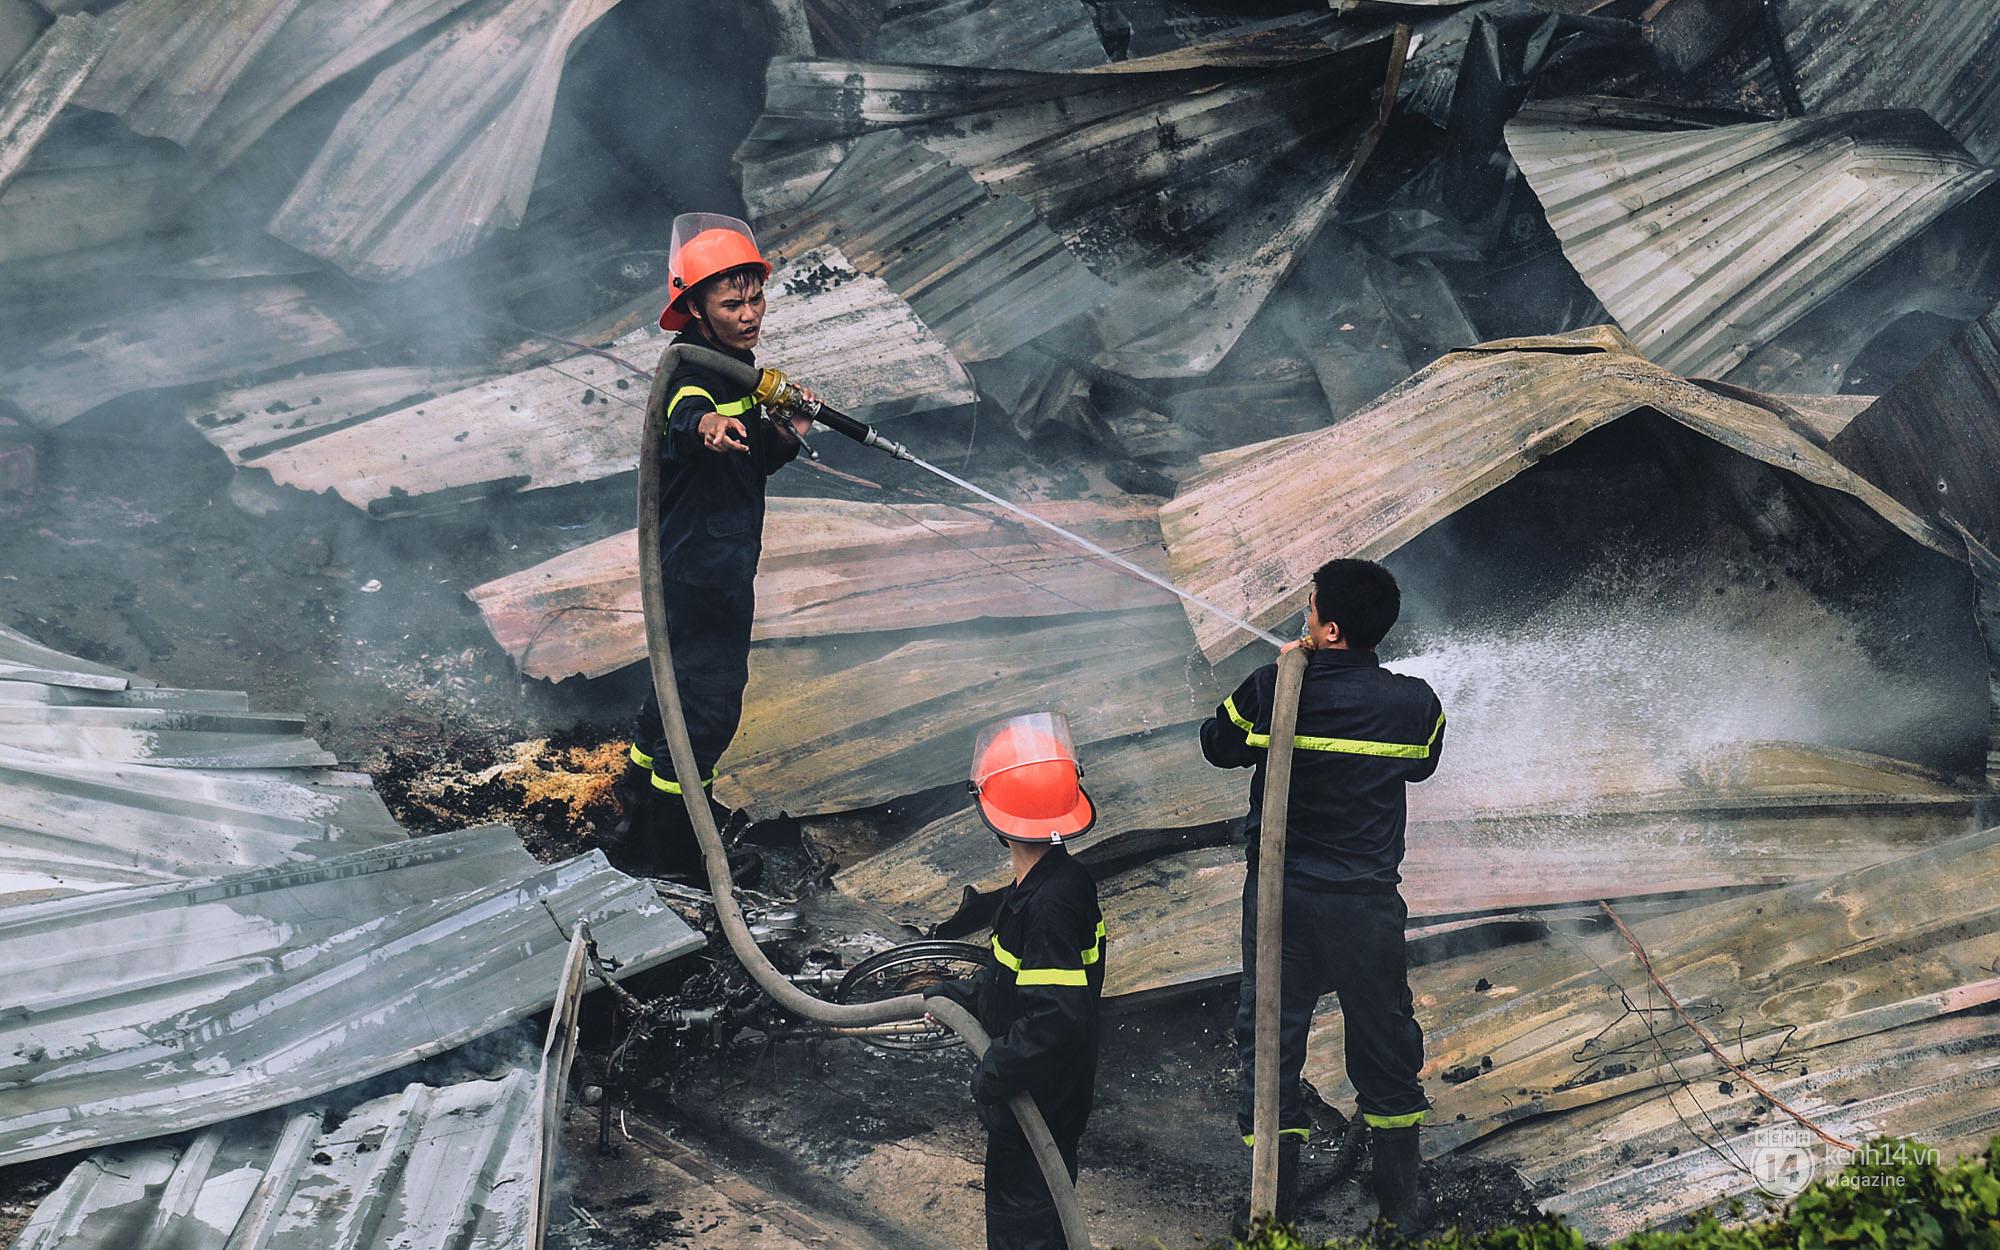 Chuyện về những người lính cứu hỏa không sợ chết, chỉ sợ không cứu được người - Ảnh 11.